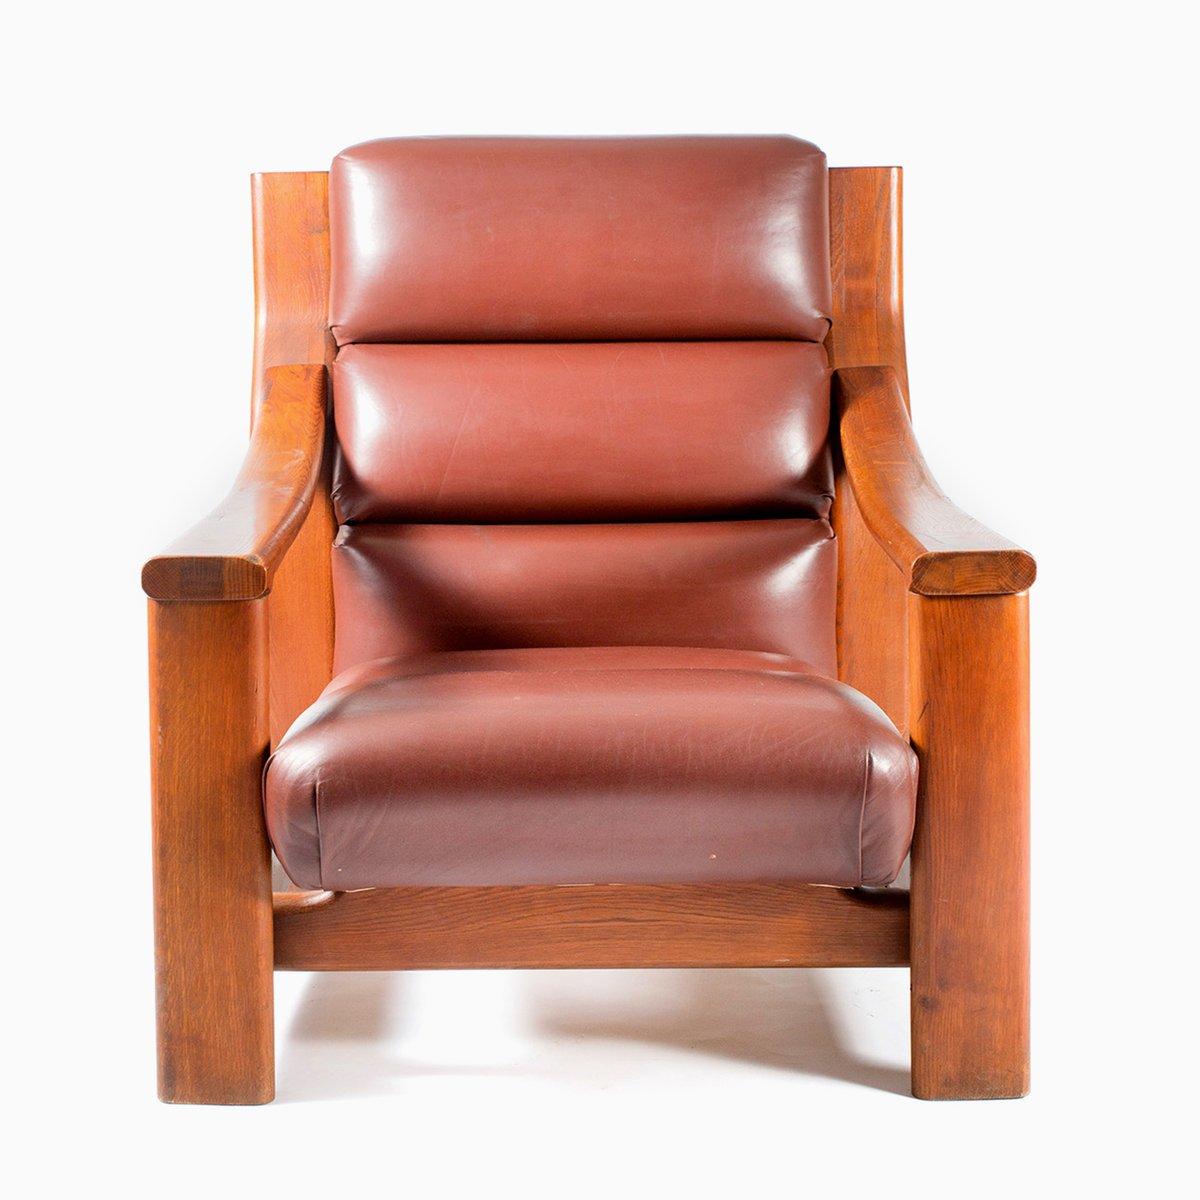 leder holz trendy design stuhl outlet unico design stuhl holz leder klassiker stockholm. Black Bedroom Furniture Sets. Home Design Ideas